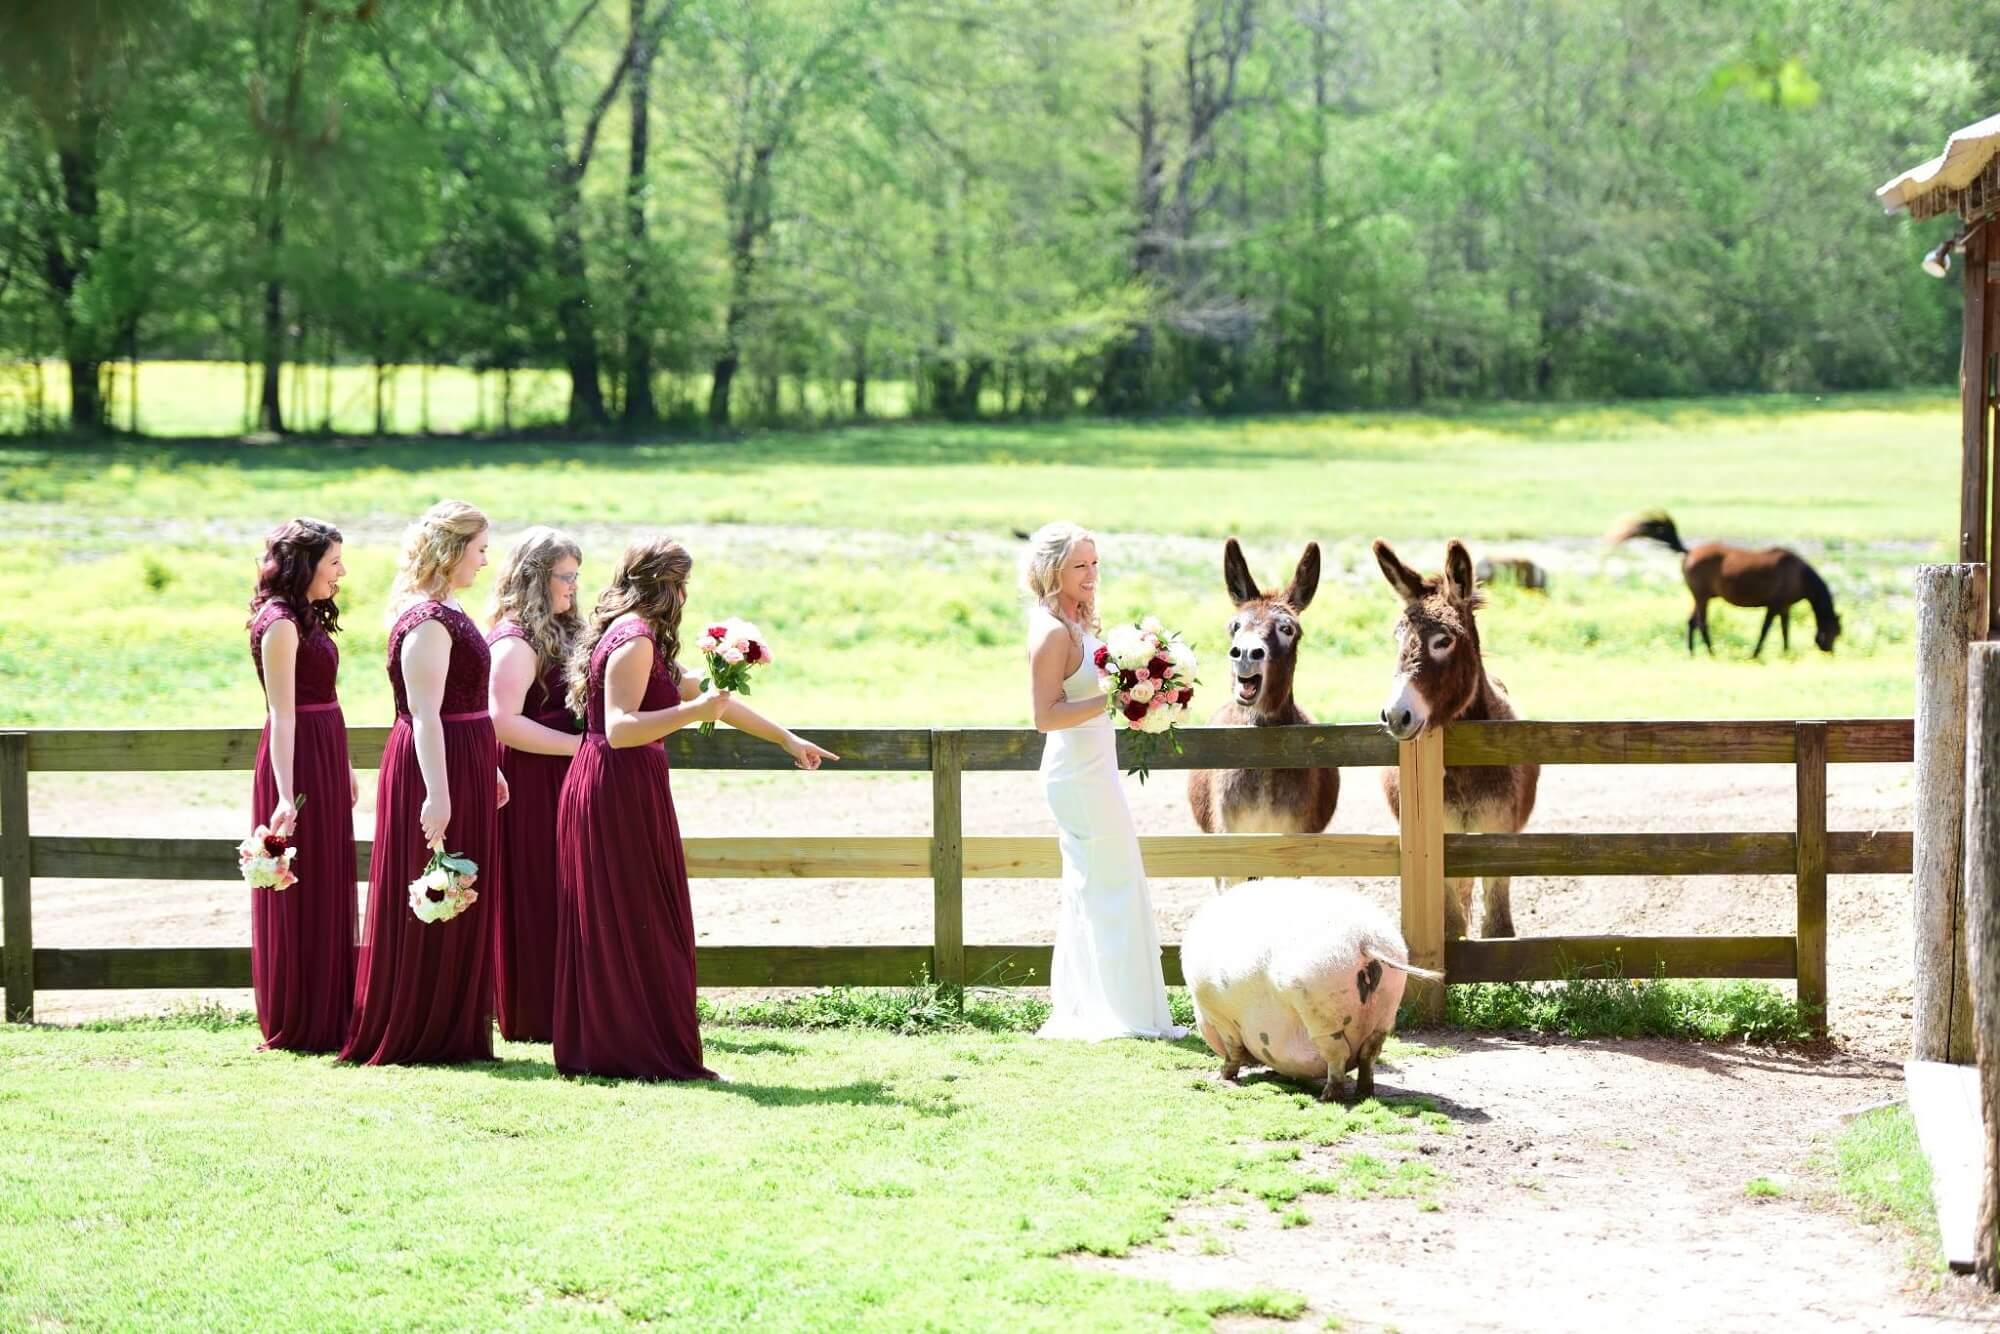 outdoor wedding Venue jackson tn